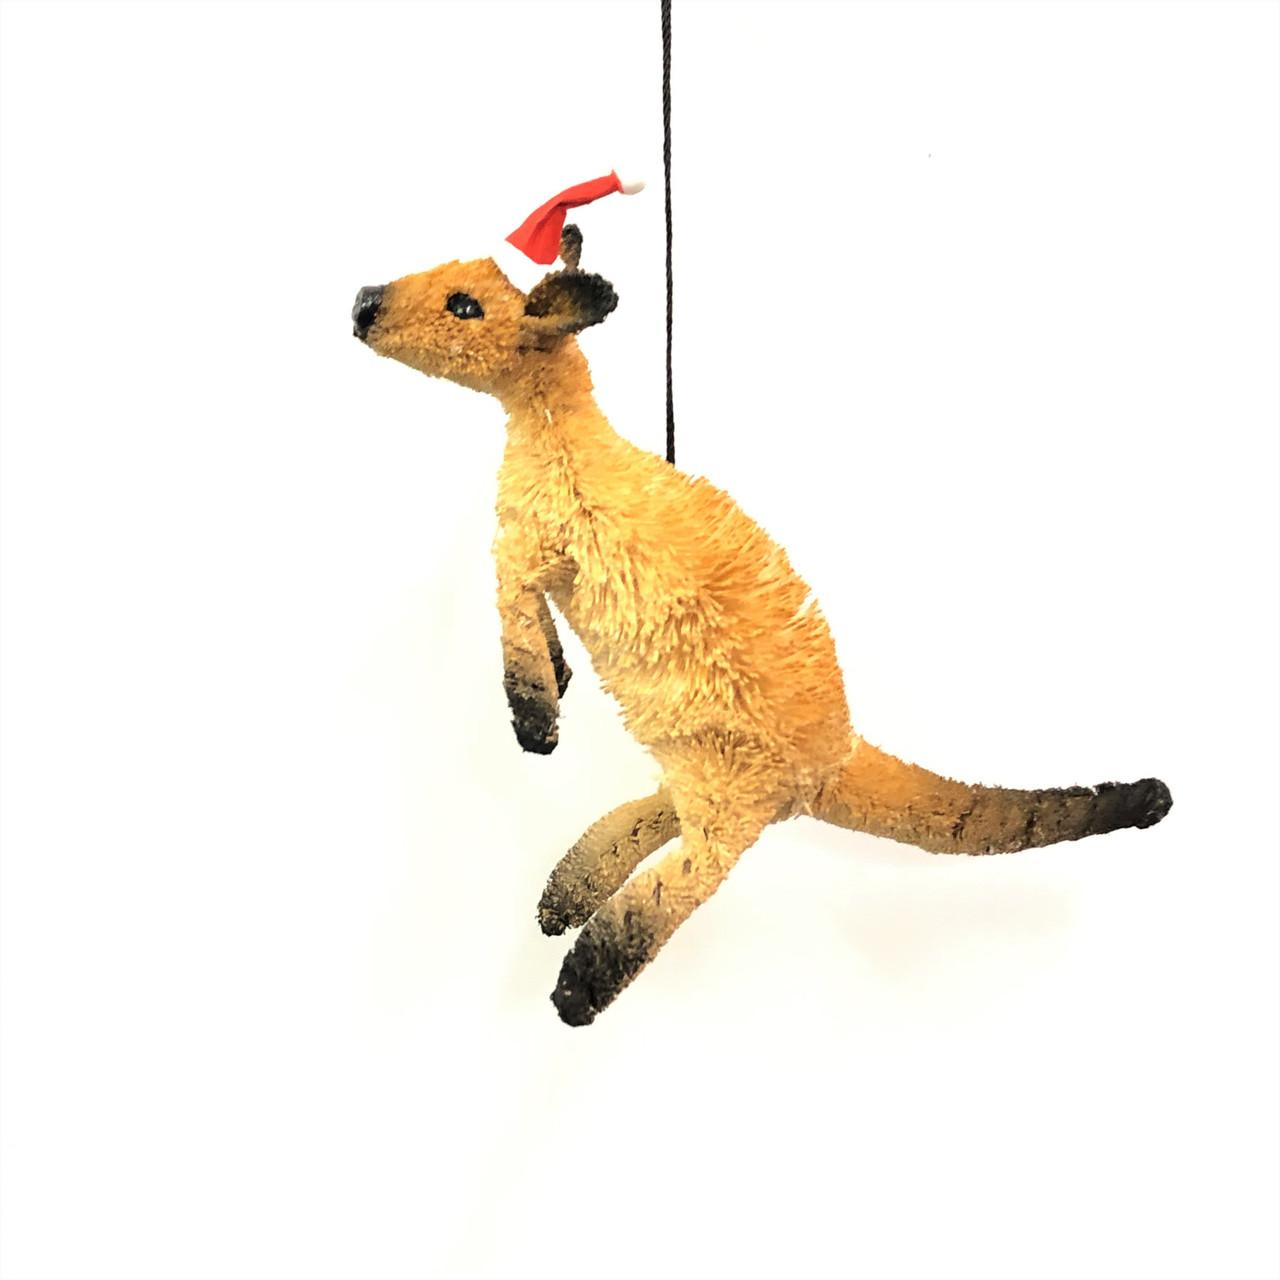 Christmas Tree Ornament - Kangaroo 10cm  Beautifully handcrafted Aussie Animal Christmas Tree ornaments